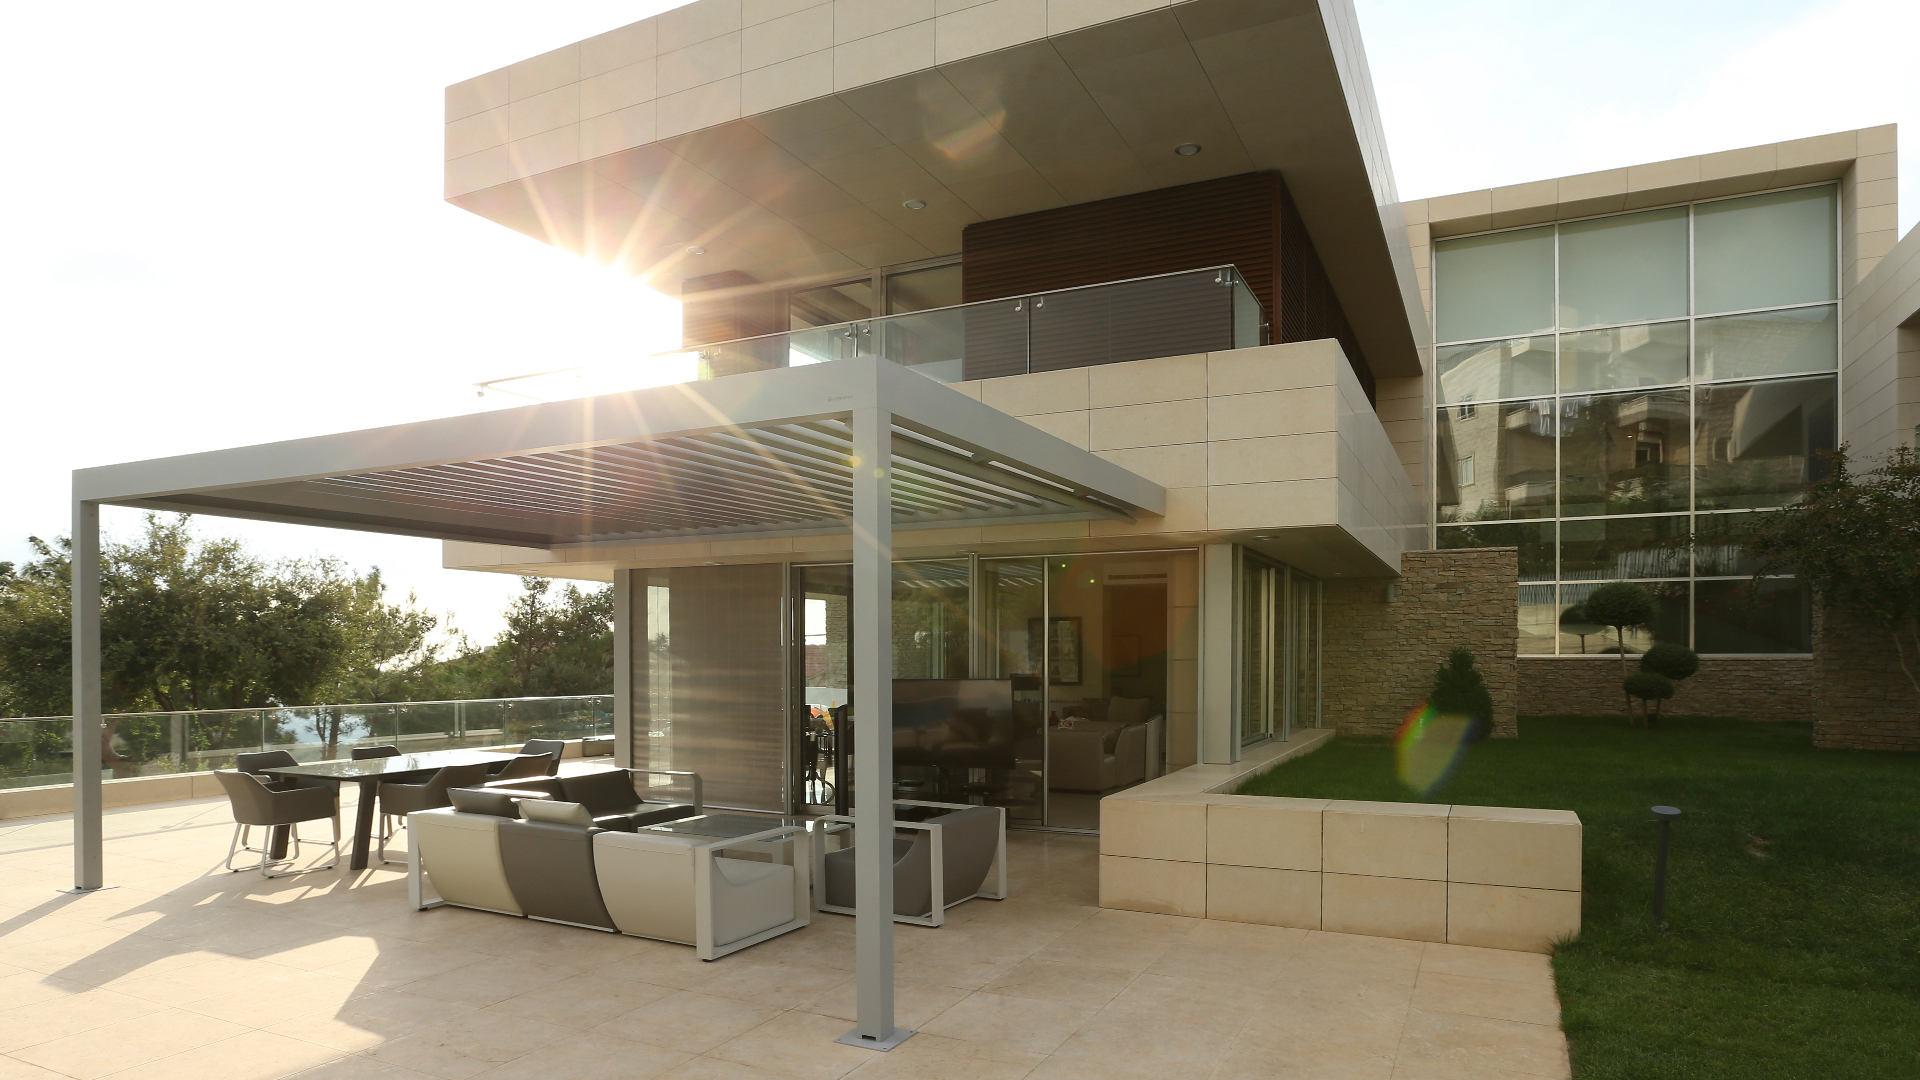 Villatrium Algarve